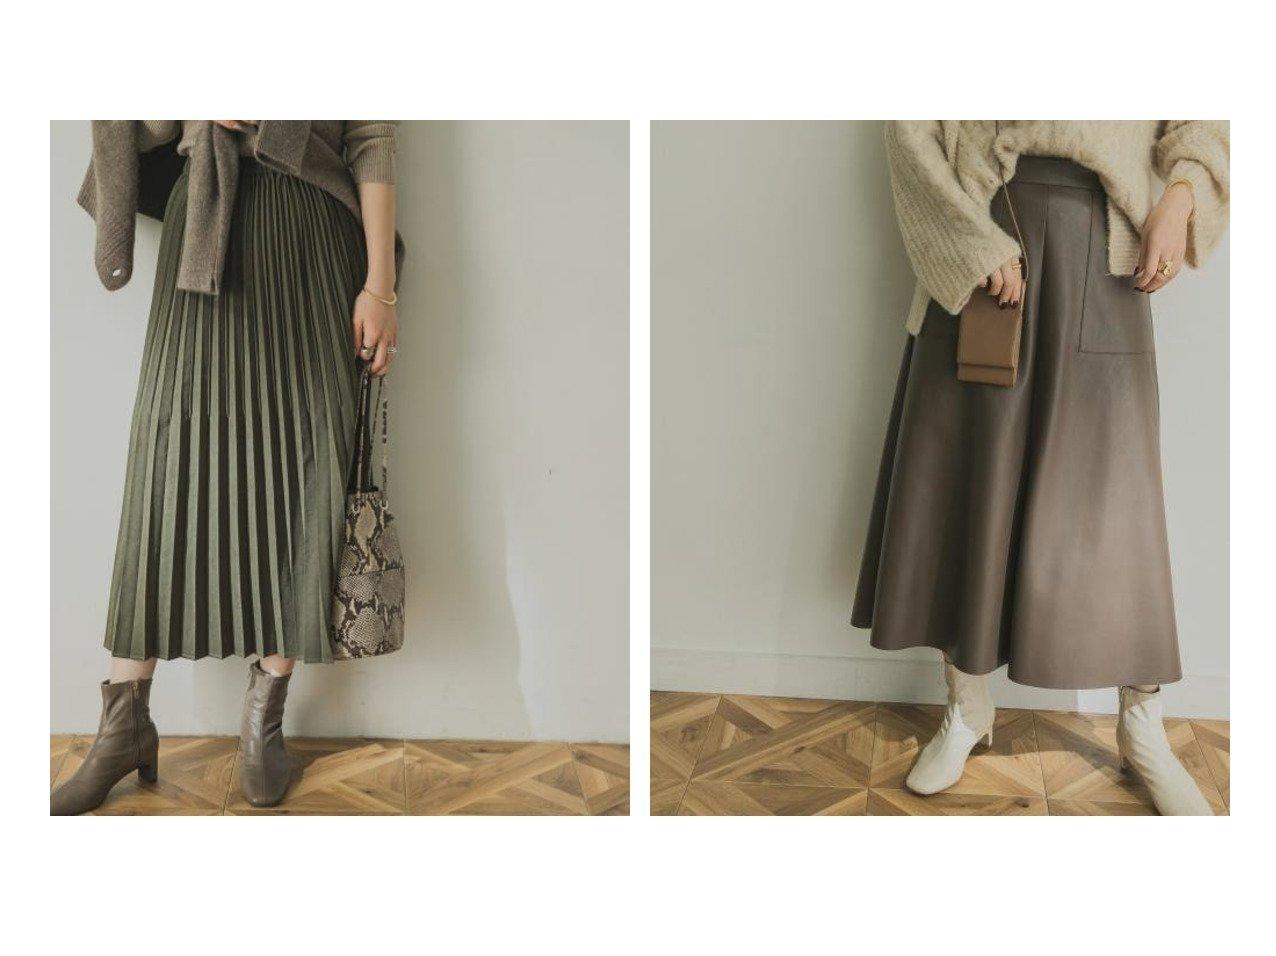 【URBAN RESEARCH/アーバンリサーチ】のスウェードタッチプリーツスカート&エコレザースカート スカートのおすすめ!人気、レディースファッションの通販 おすすめで人気のファッション通販商品 インテリア・家具・キッズファッション・メンズファッション・レディースファッション・服の通販 founy(ファニー) https://founy.com/ ファッション Fashion レディース WOMEN スカート Skirt プリーツスカート Pleated Skirts スウェード スタンダード プリーツ ポケット ロング 春 スウェット タートル フロント ベスト リブニット  ID:crp329100000001478